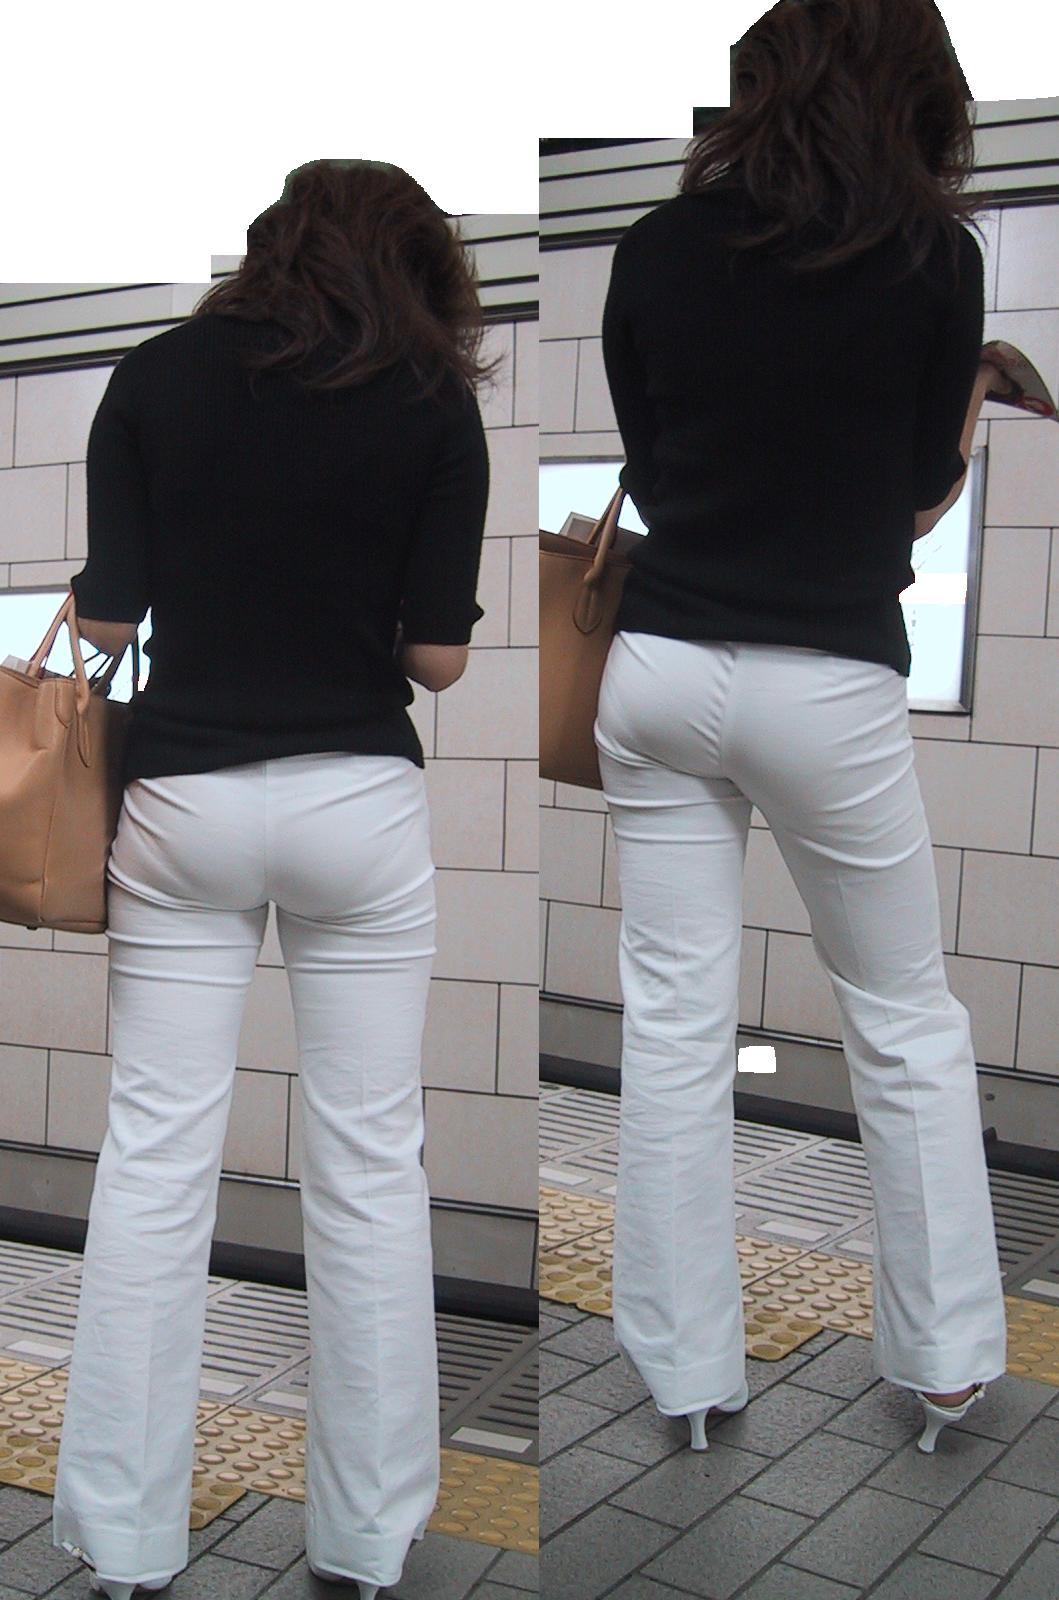 素人女性のお尻って着衣尻が一番魅力的だと思うよな??????????????? JGopigF